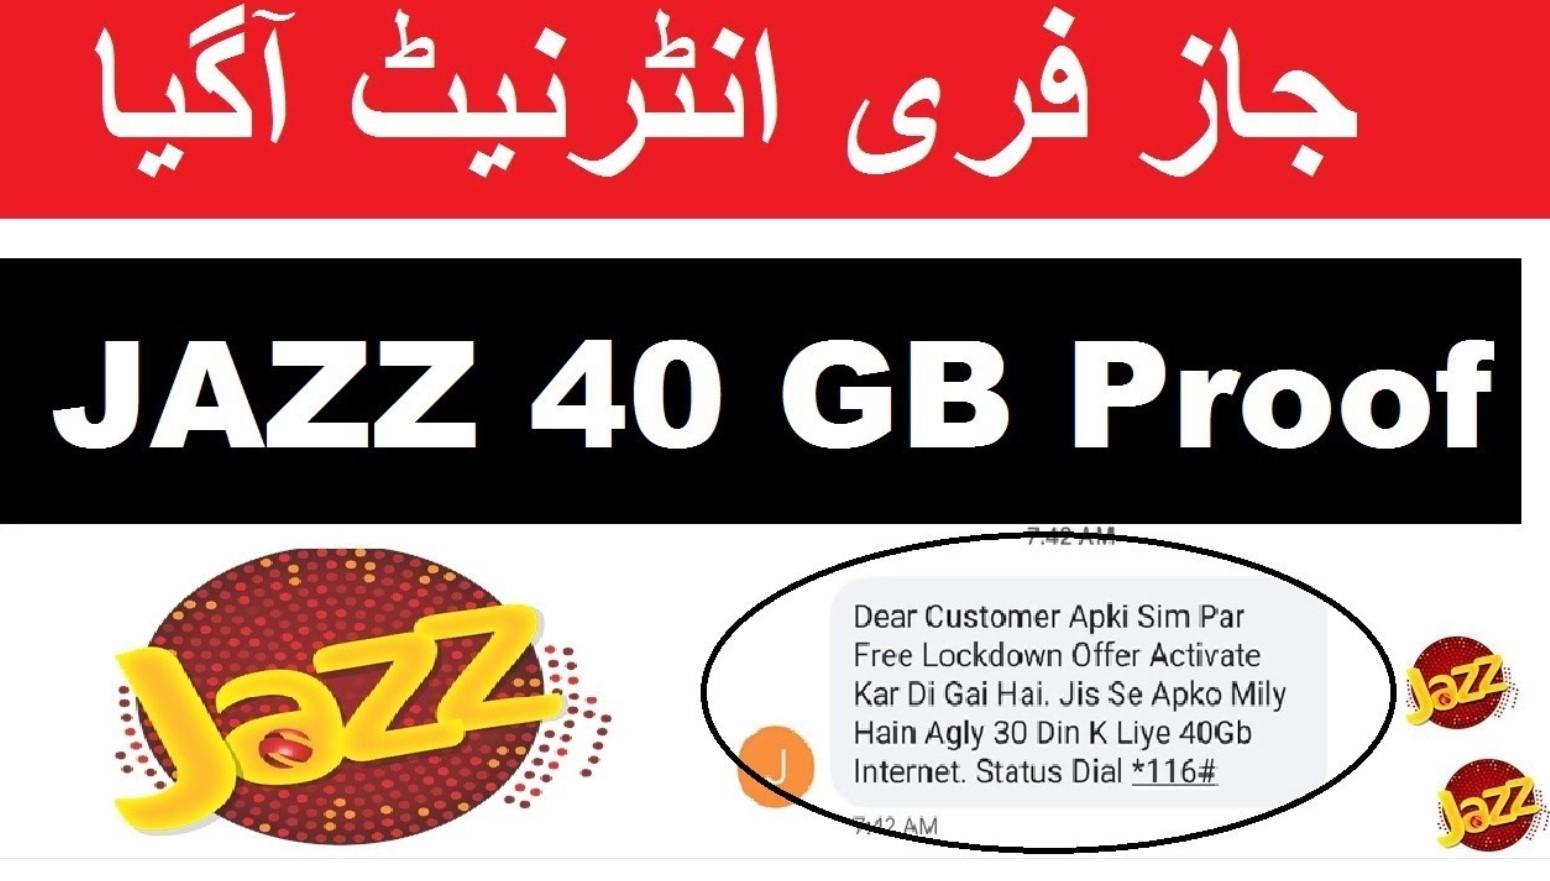 Jazz FREE Internet Tricks 2020